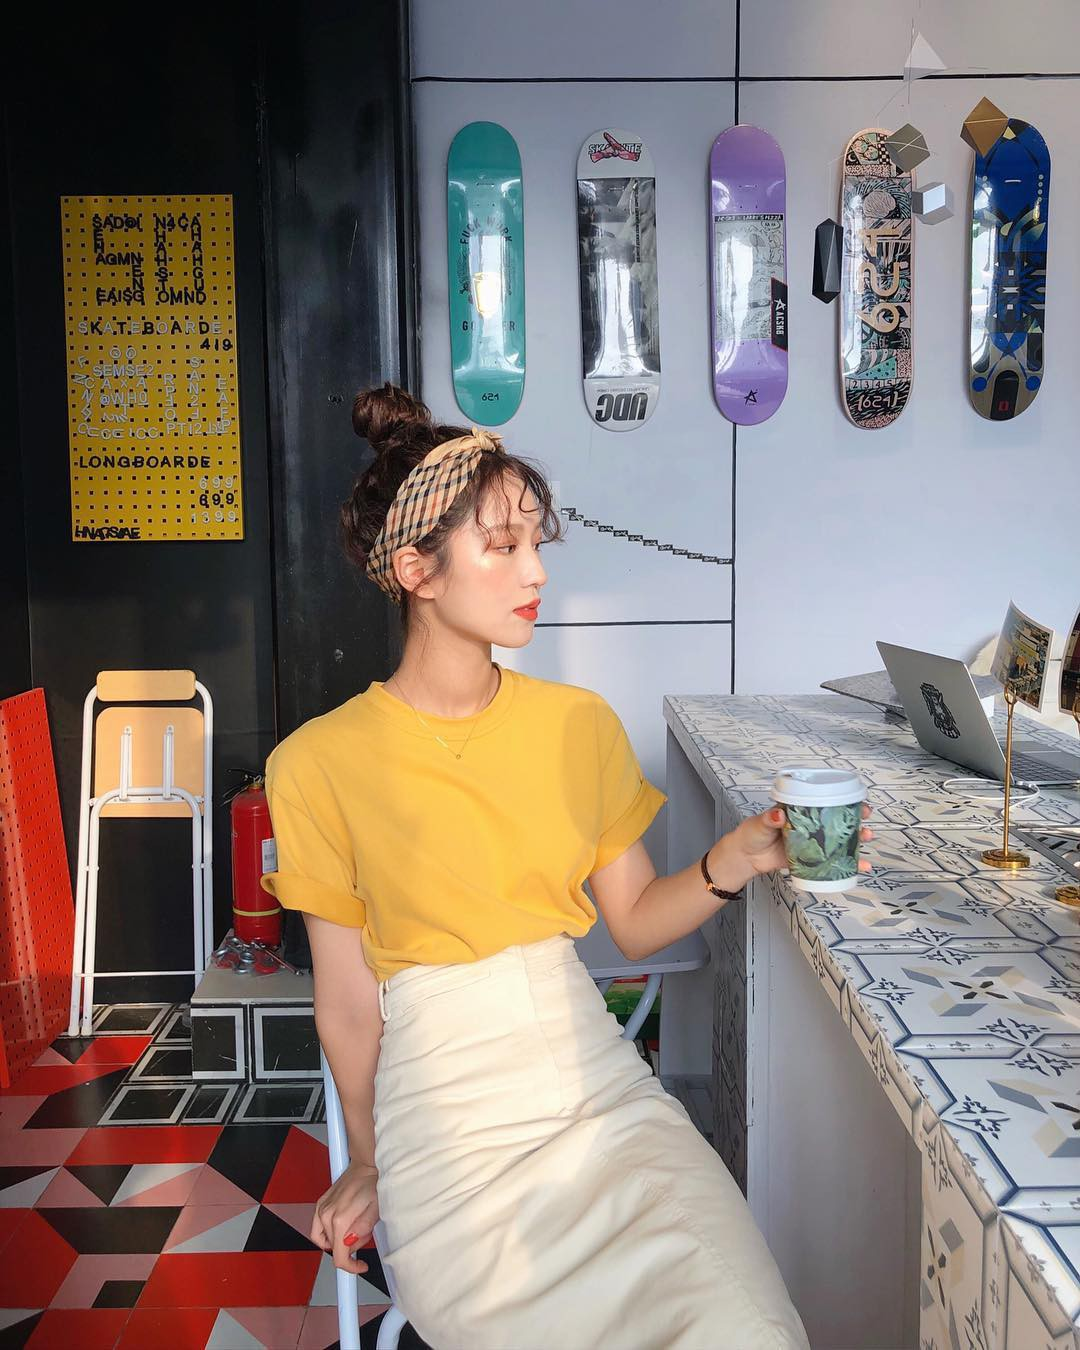 Lại nóng đến phát ốm, nhưng nàng công sở không phải lo vì đã có 5 items nhẹ mát và 100% thanh lịch này - Hình 13